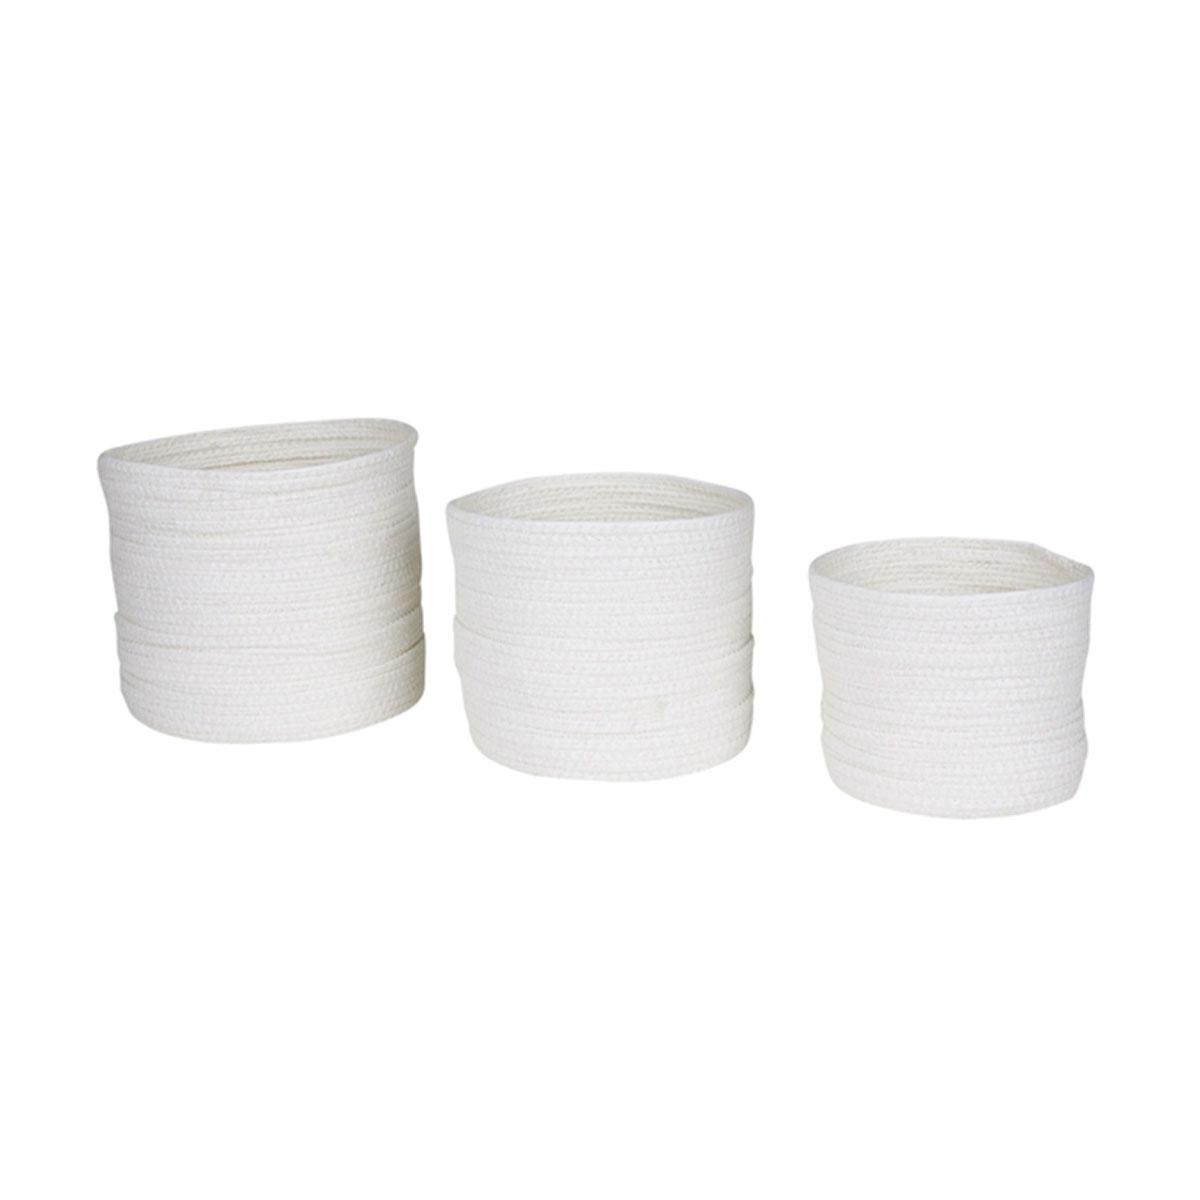 Set de 3 paniers ronds blanc